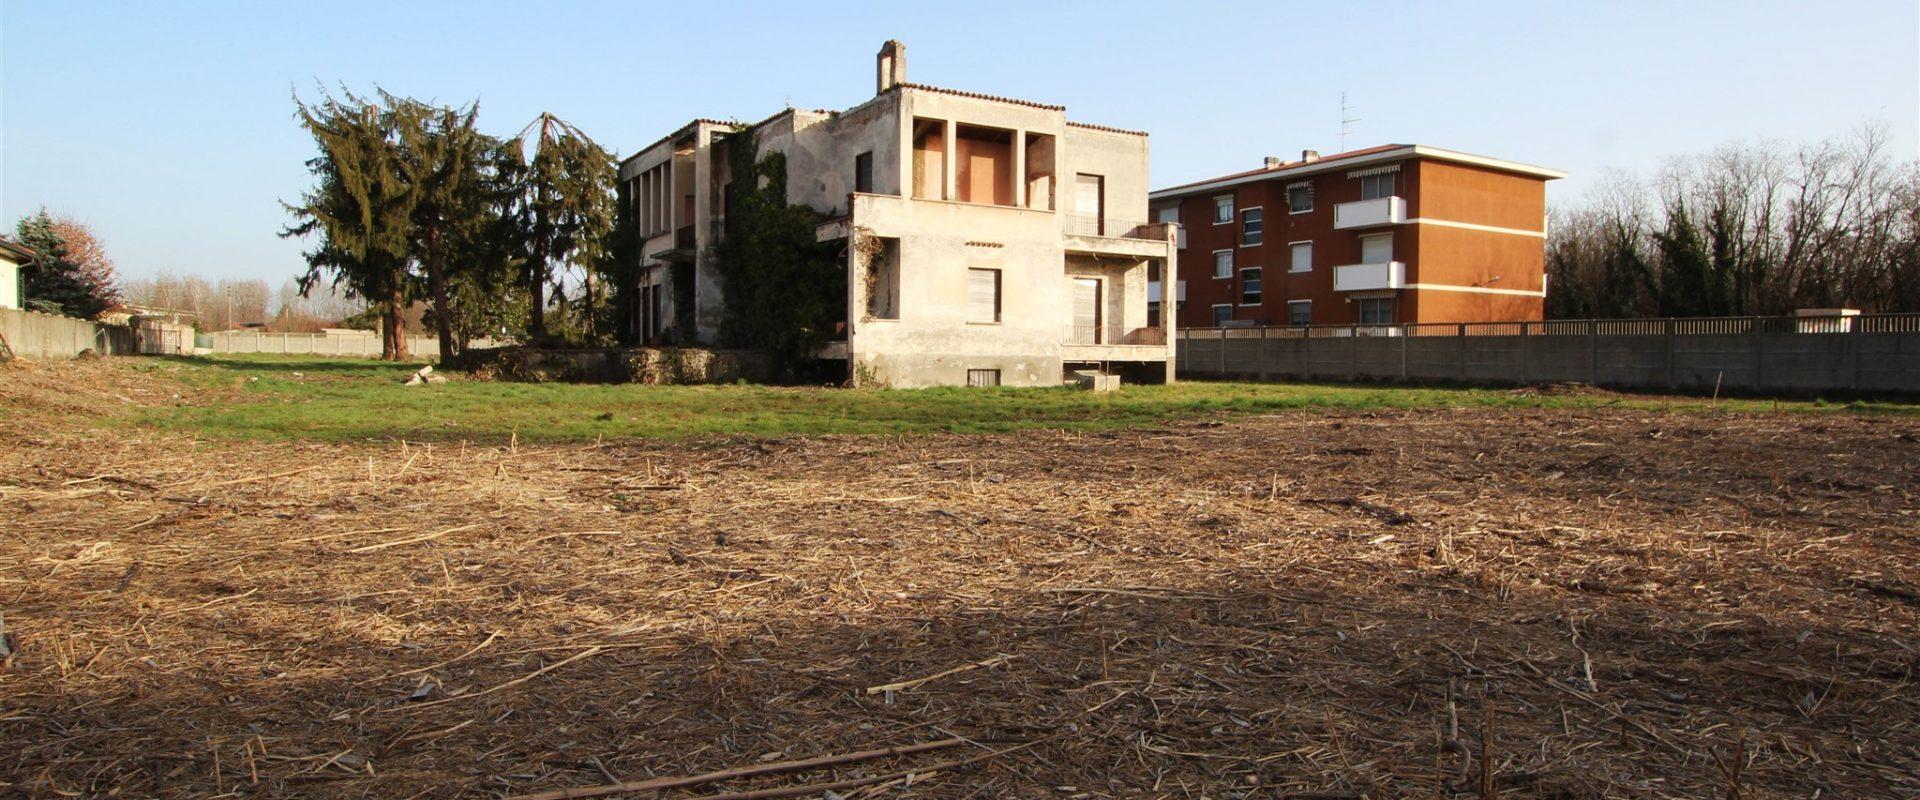 Terreno edificabile a Castano Primo